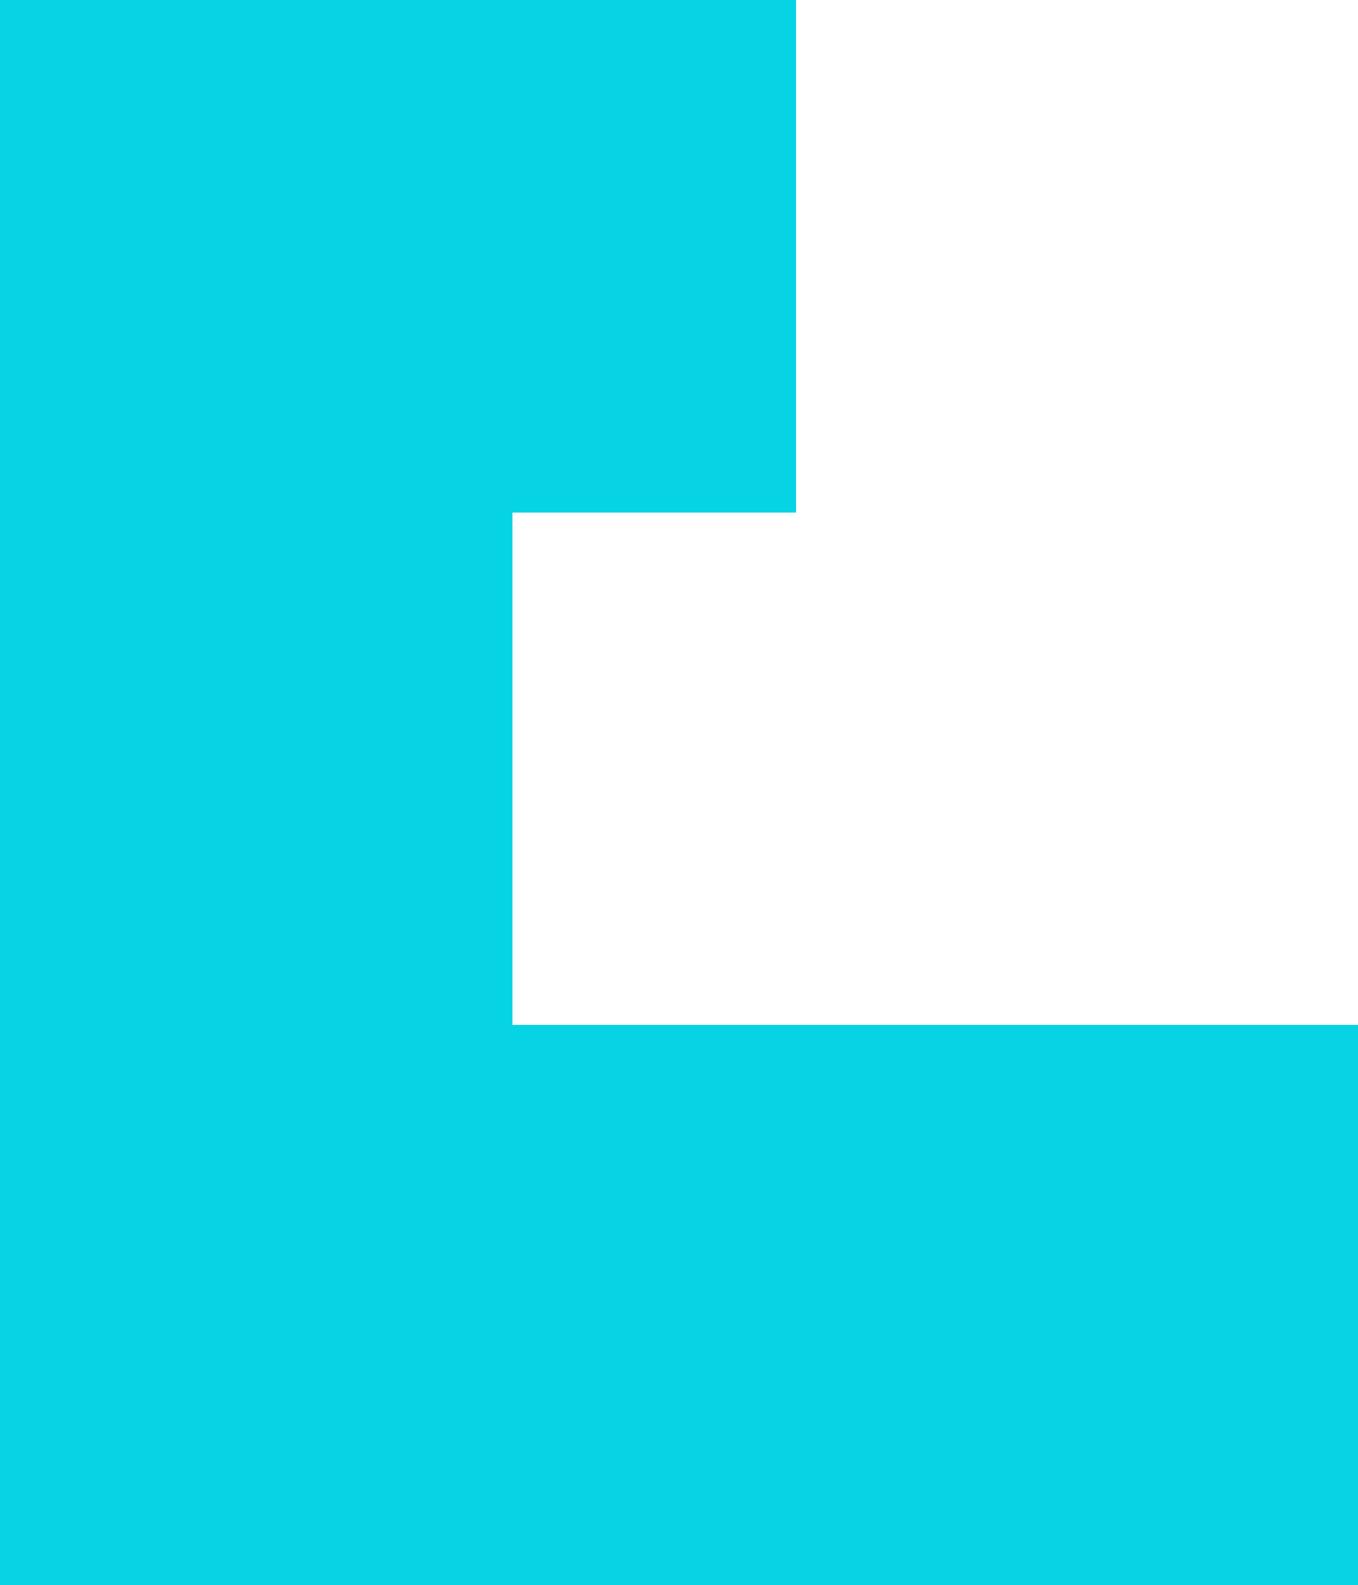 colour splash effect